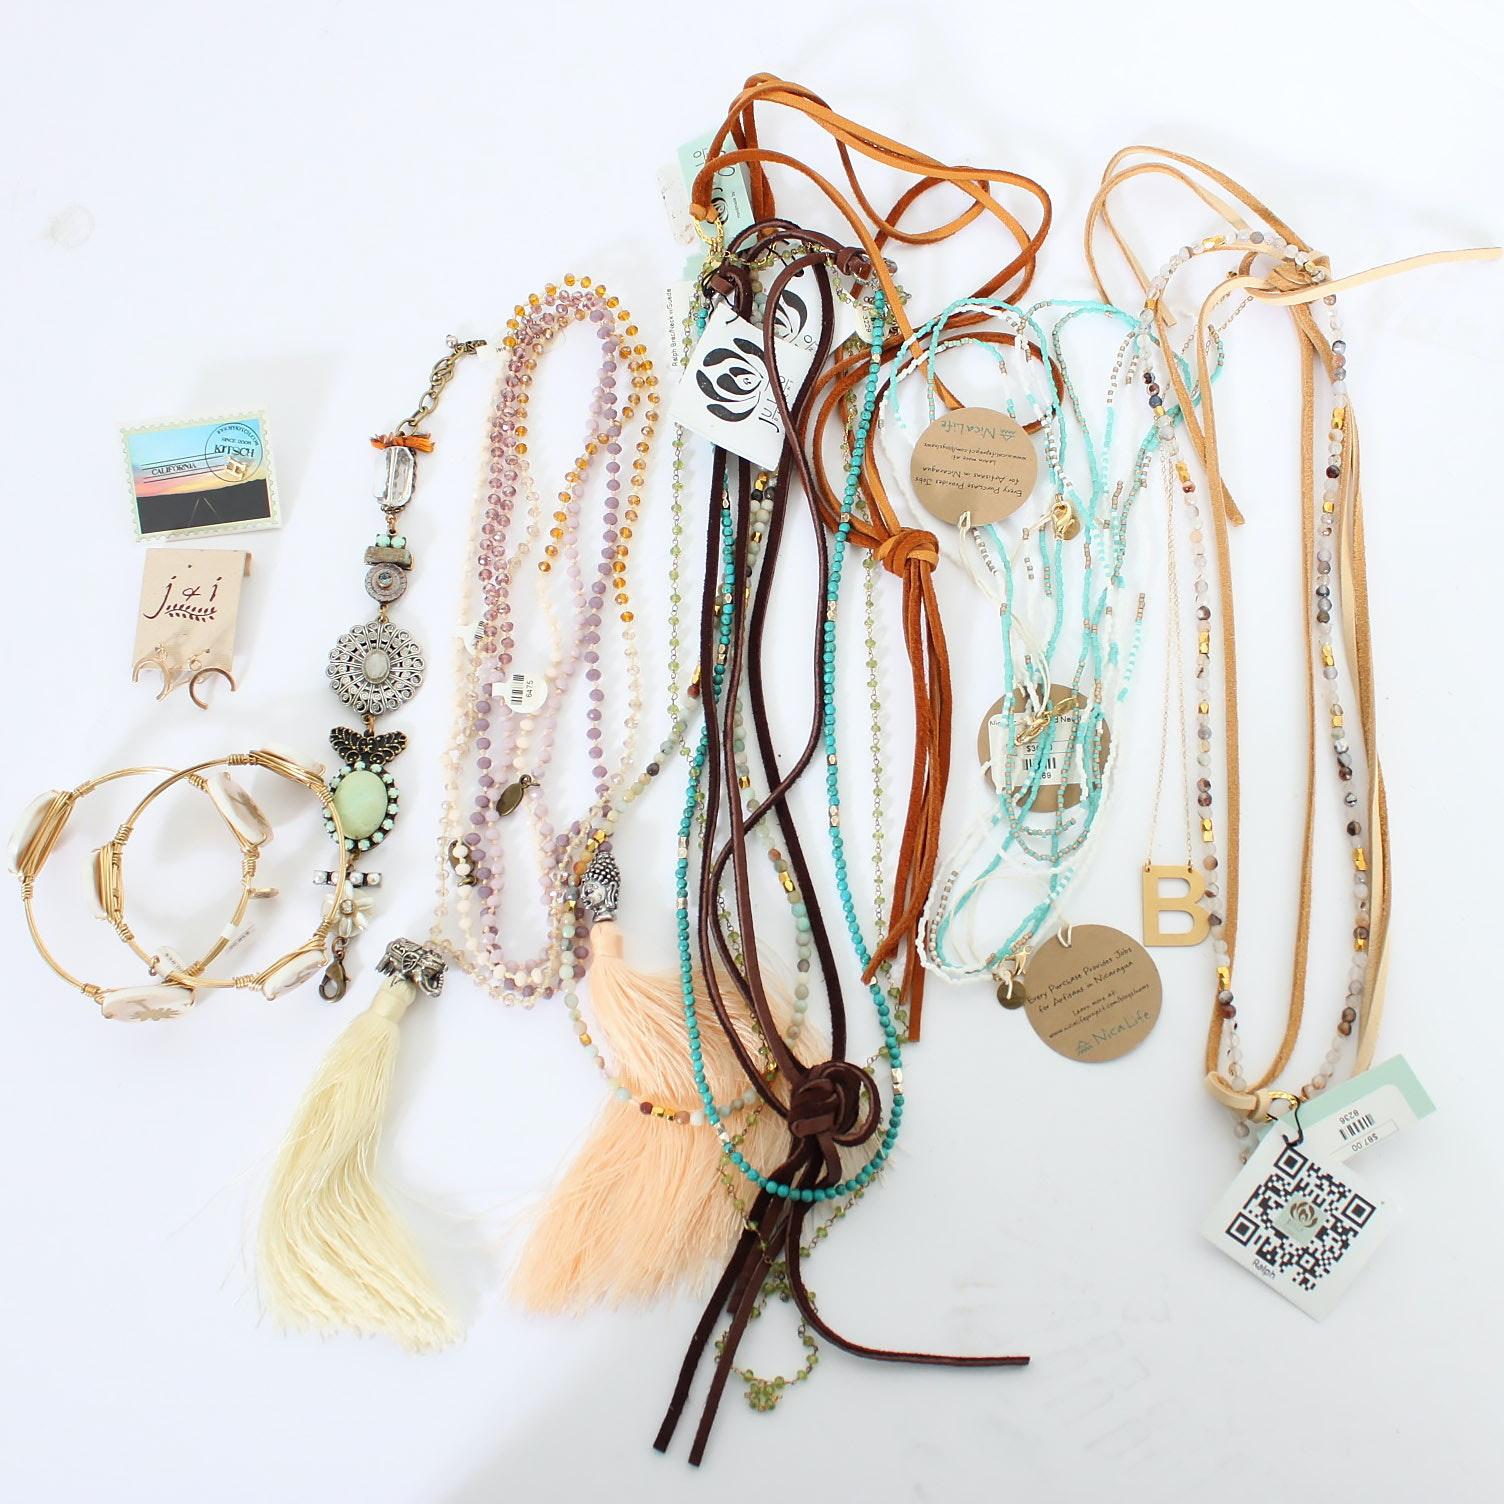 Beaded Neckaces, Bangles, and Earrings